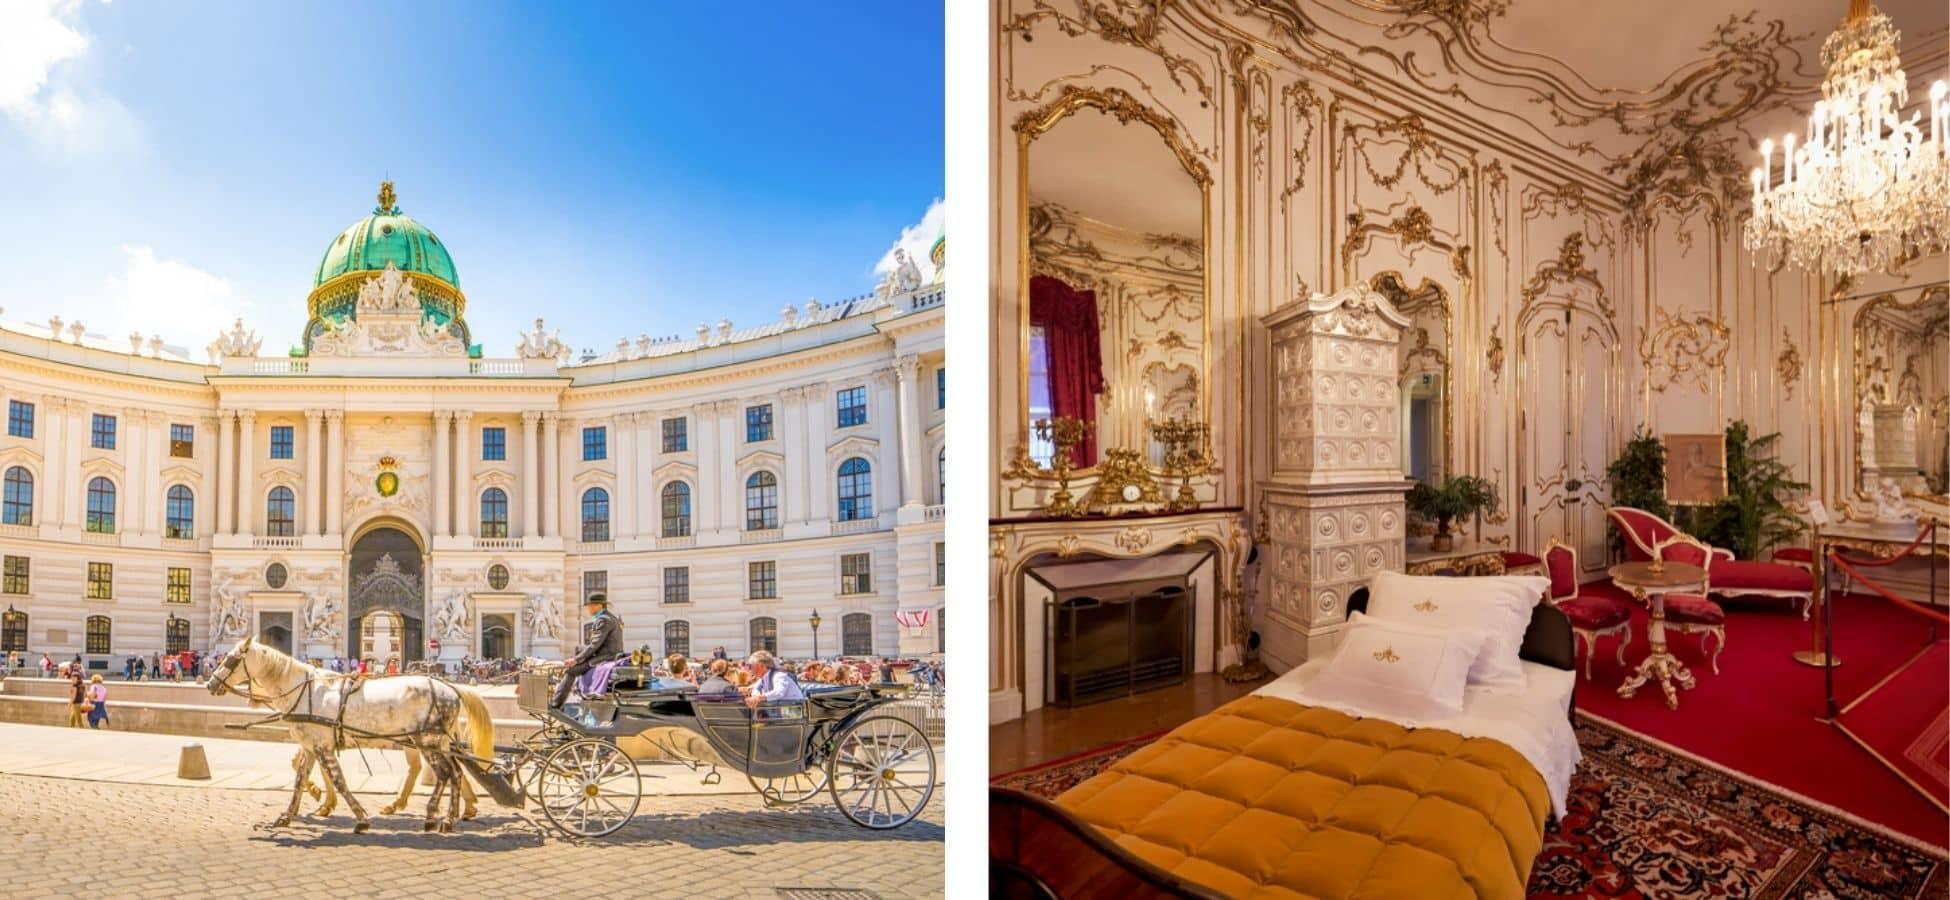 Palais d'Hofburg - Sissi l'impératrice